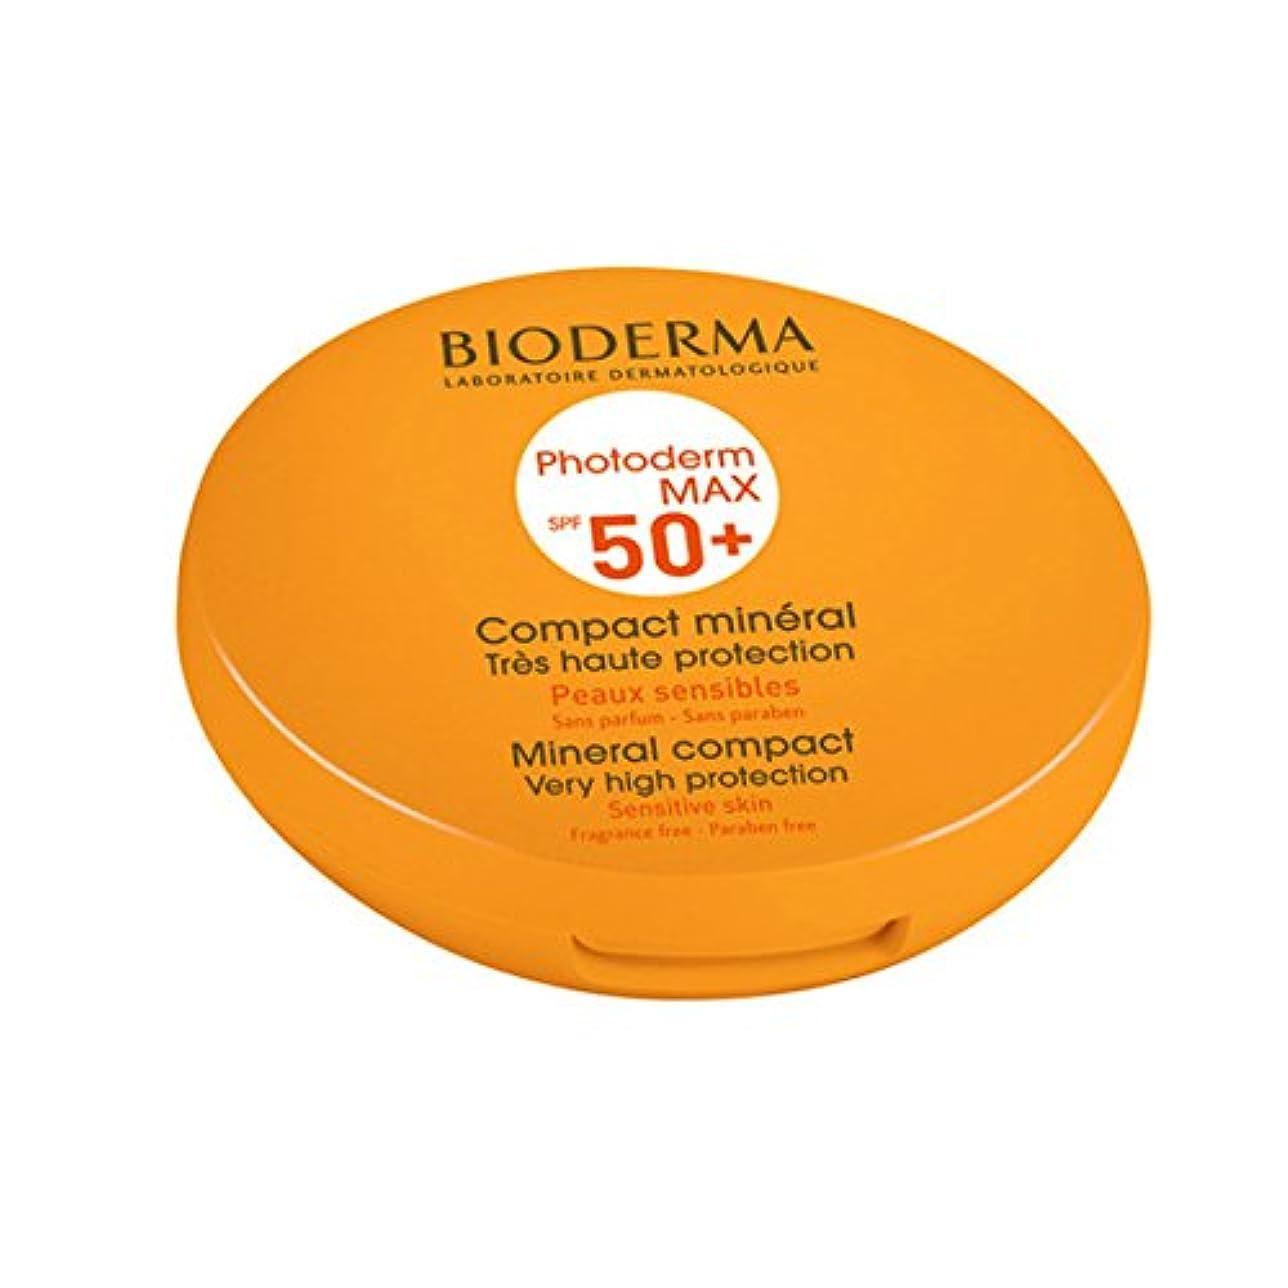 祈るグリットコンクリートBioderma Photoderm Max Compact Mineral 50+ Golden 10g [並行輸入品]